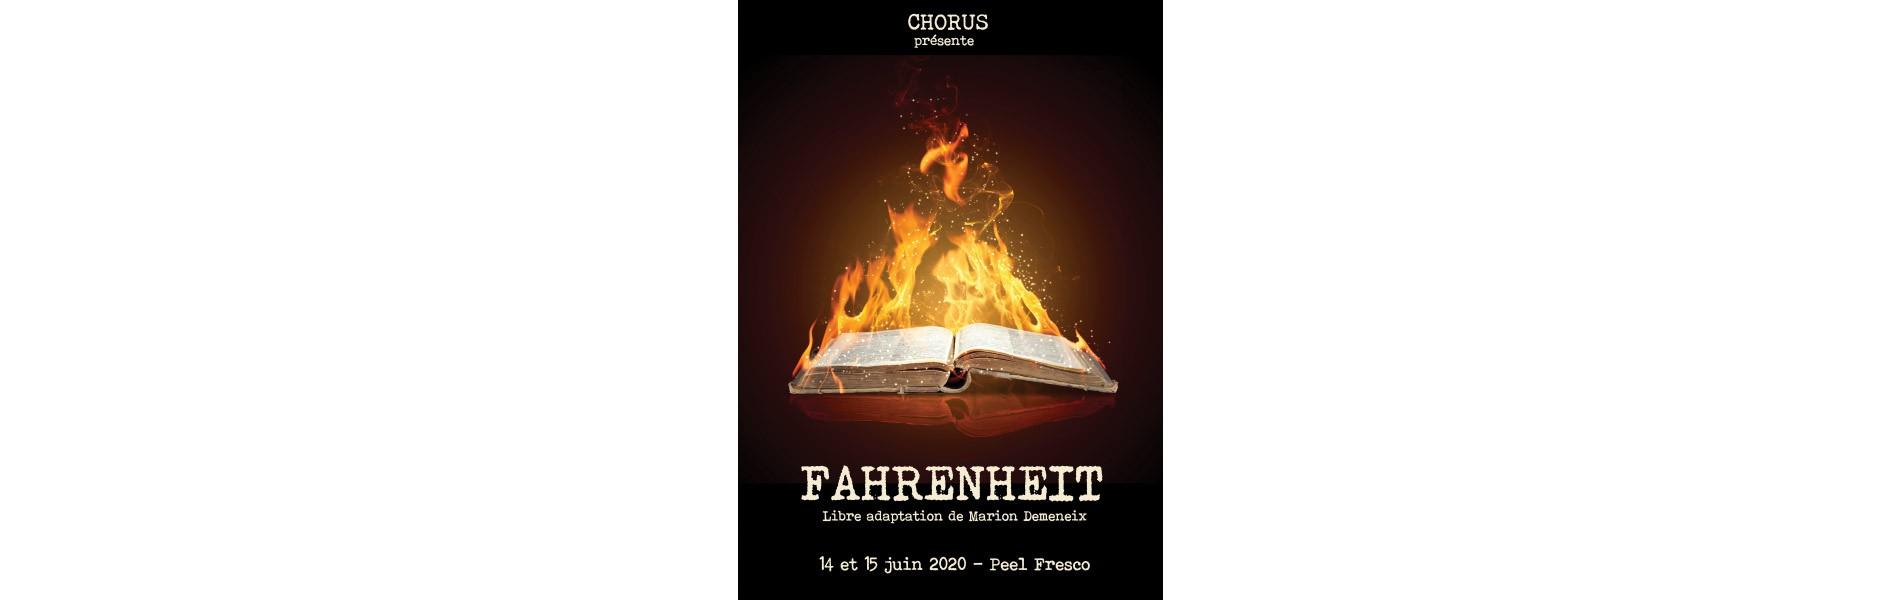 FAHRENHEIT - 15 juin 2020